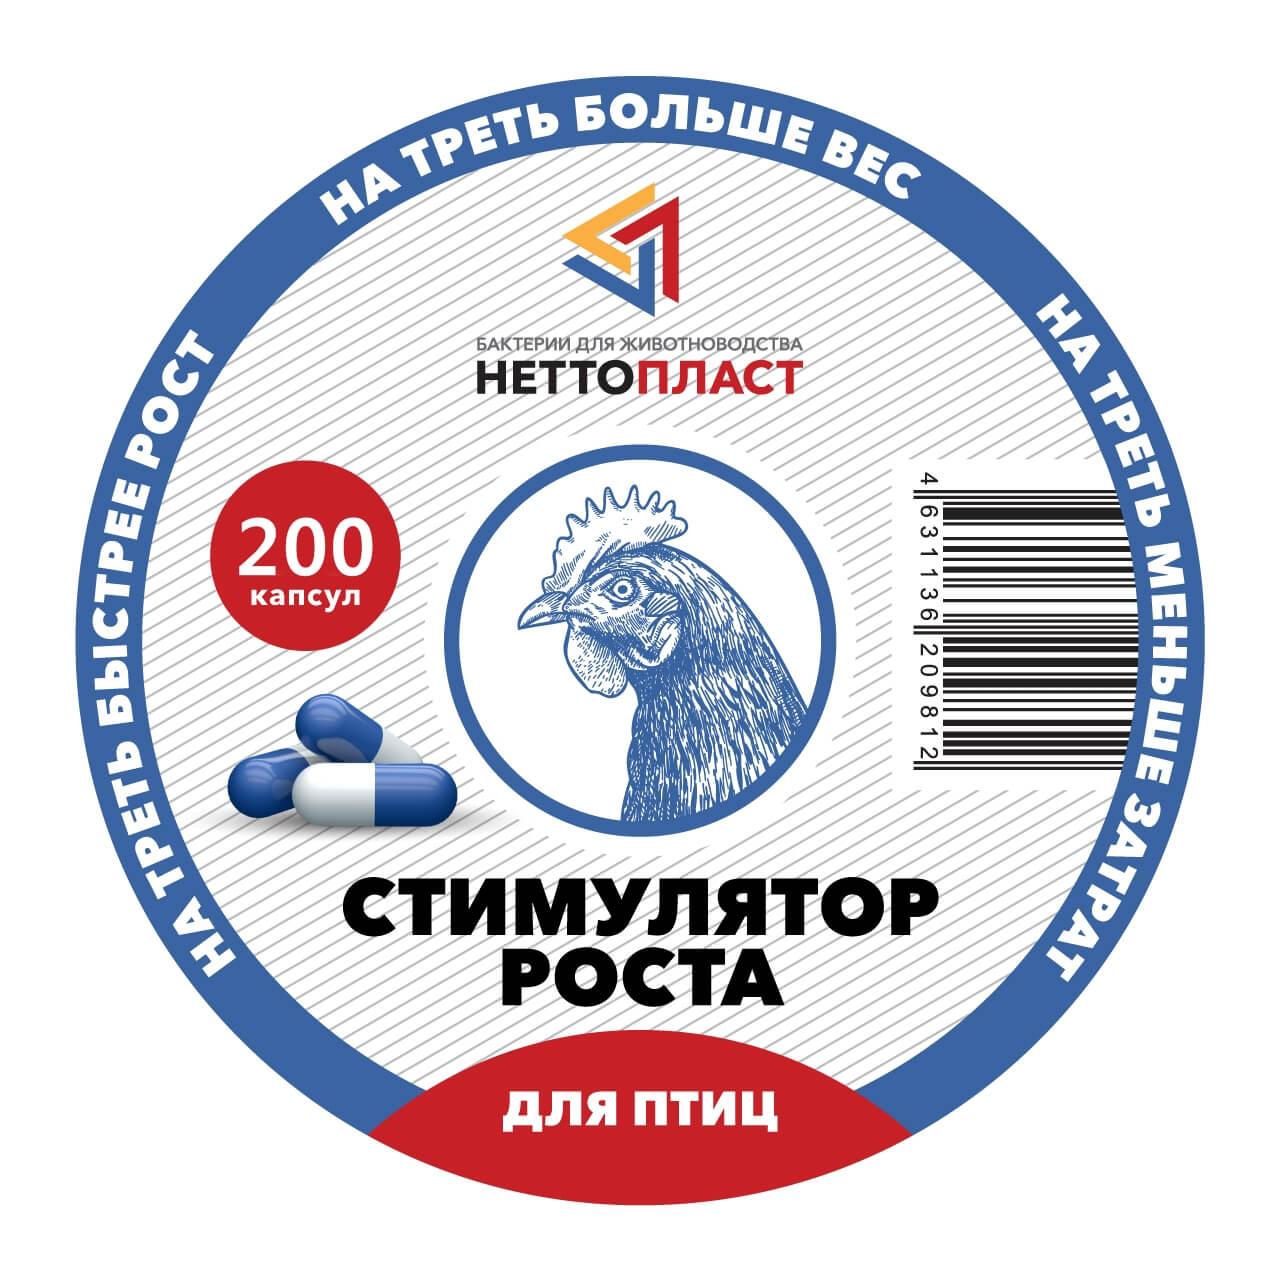 Стимулятор роста 200 капсул купить в Краснодаре